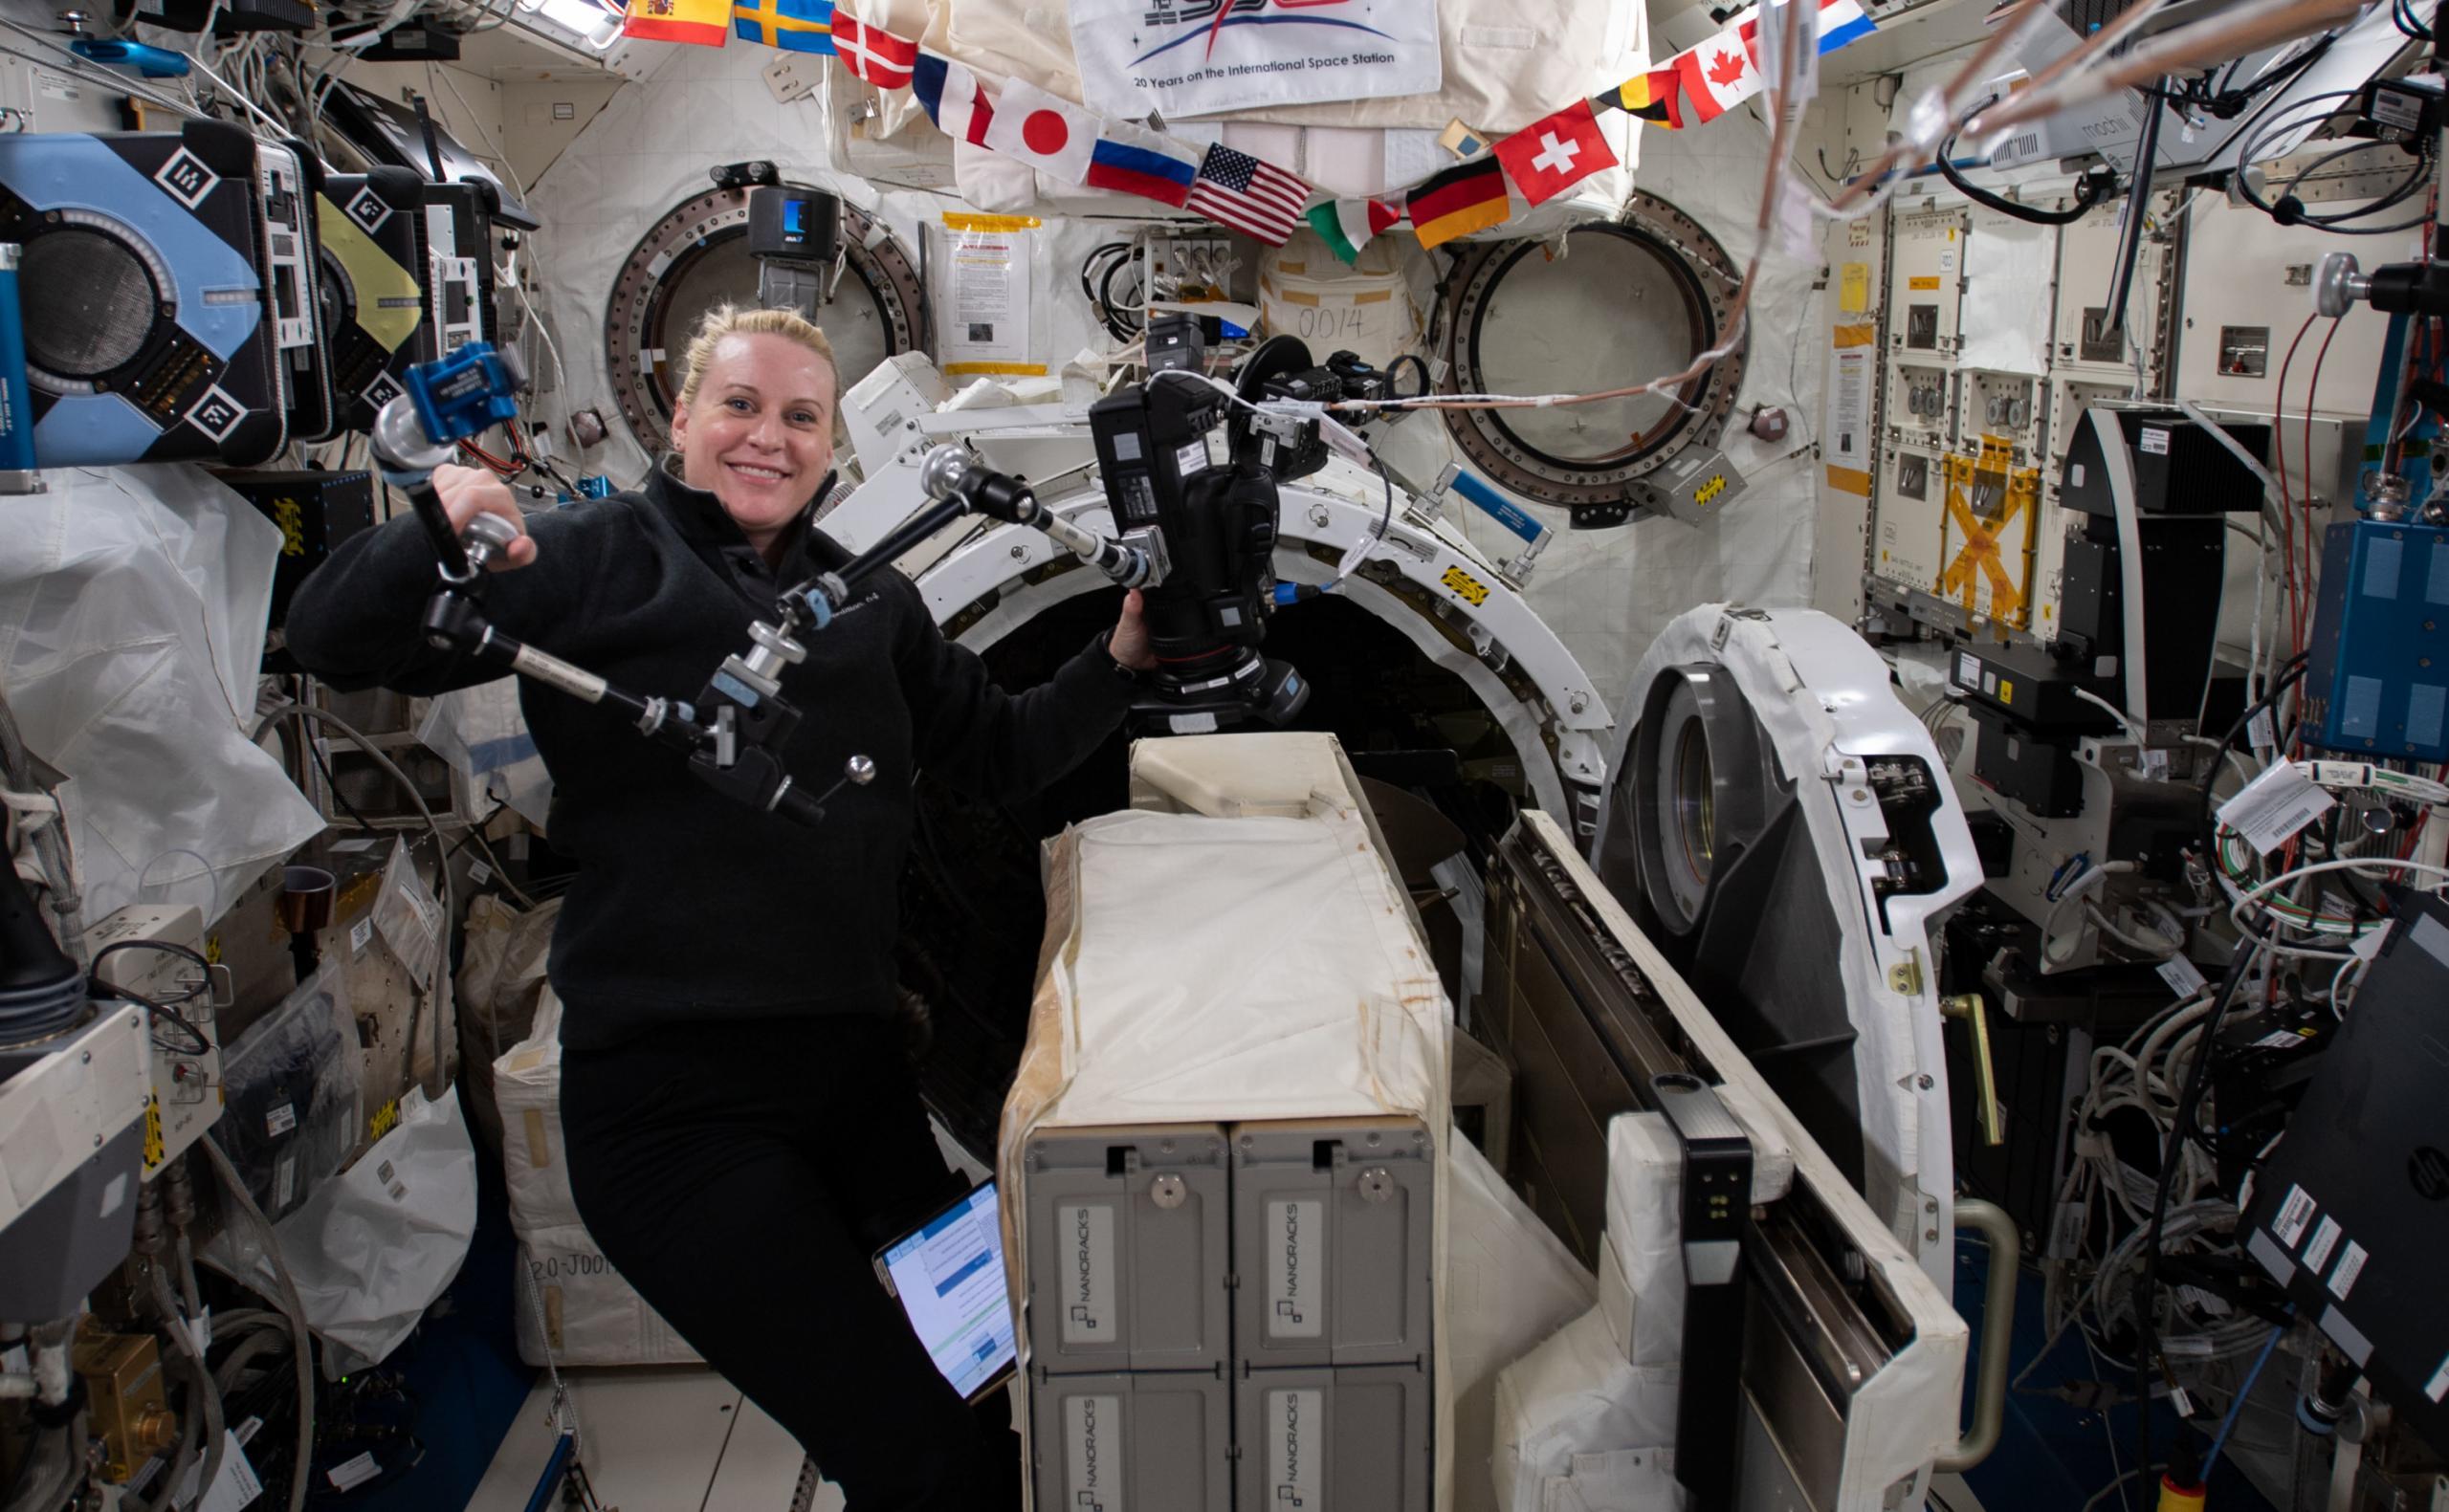 La astronauta de la NASA Kate Rubins instala el Nanoracks CubeSat Deployer